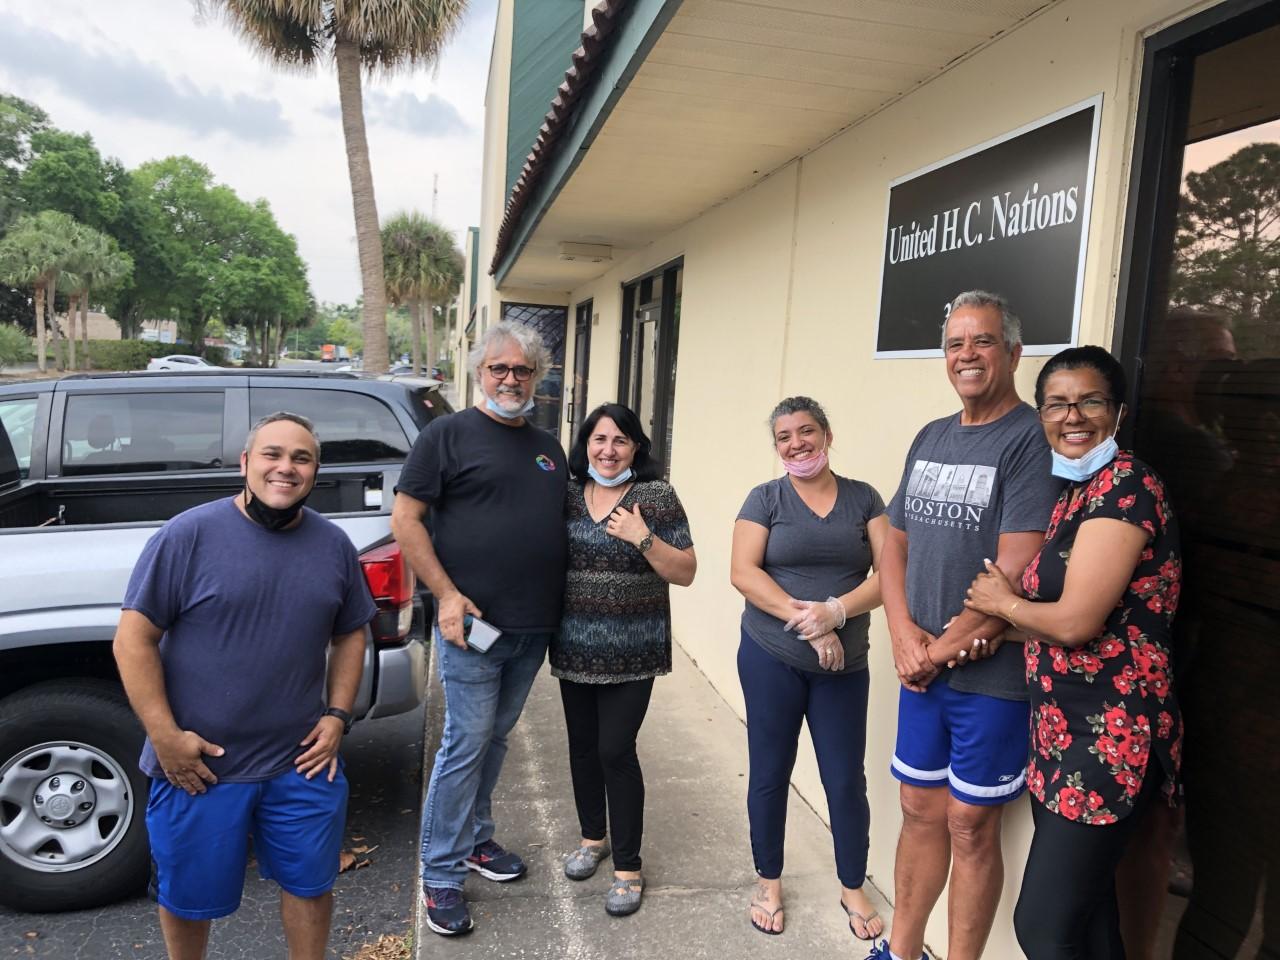 Ação humanitária beneficia famílias de baixa renda em Orlando com cesta básica